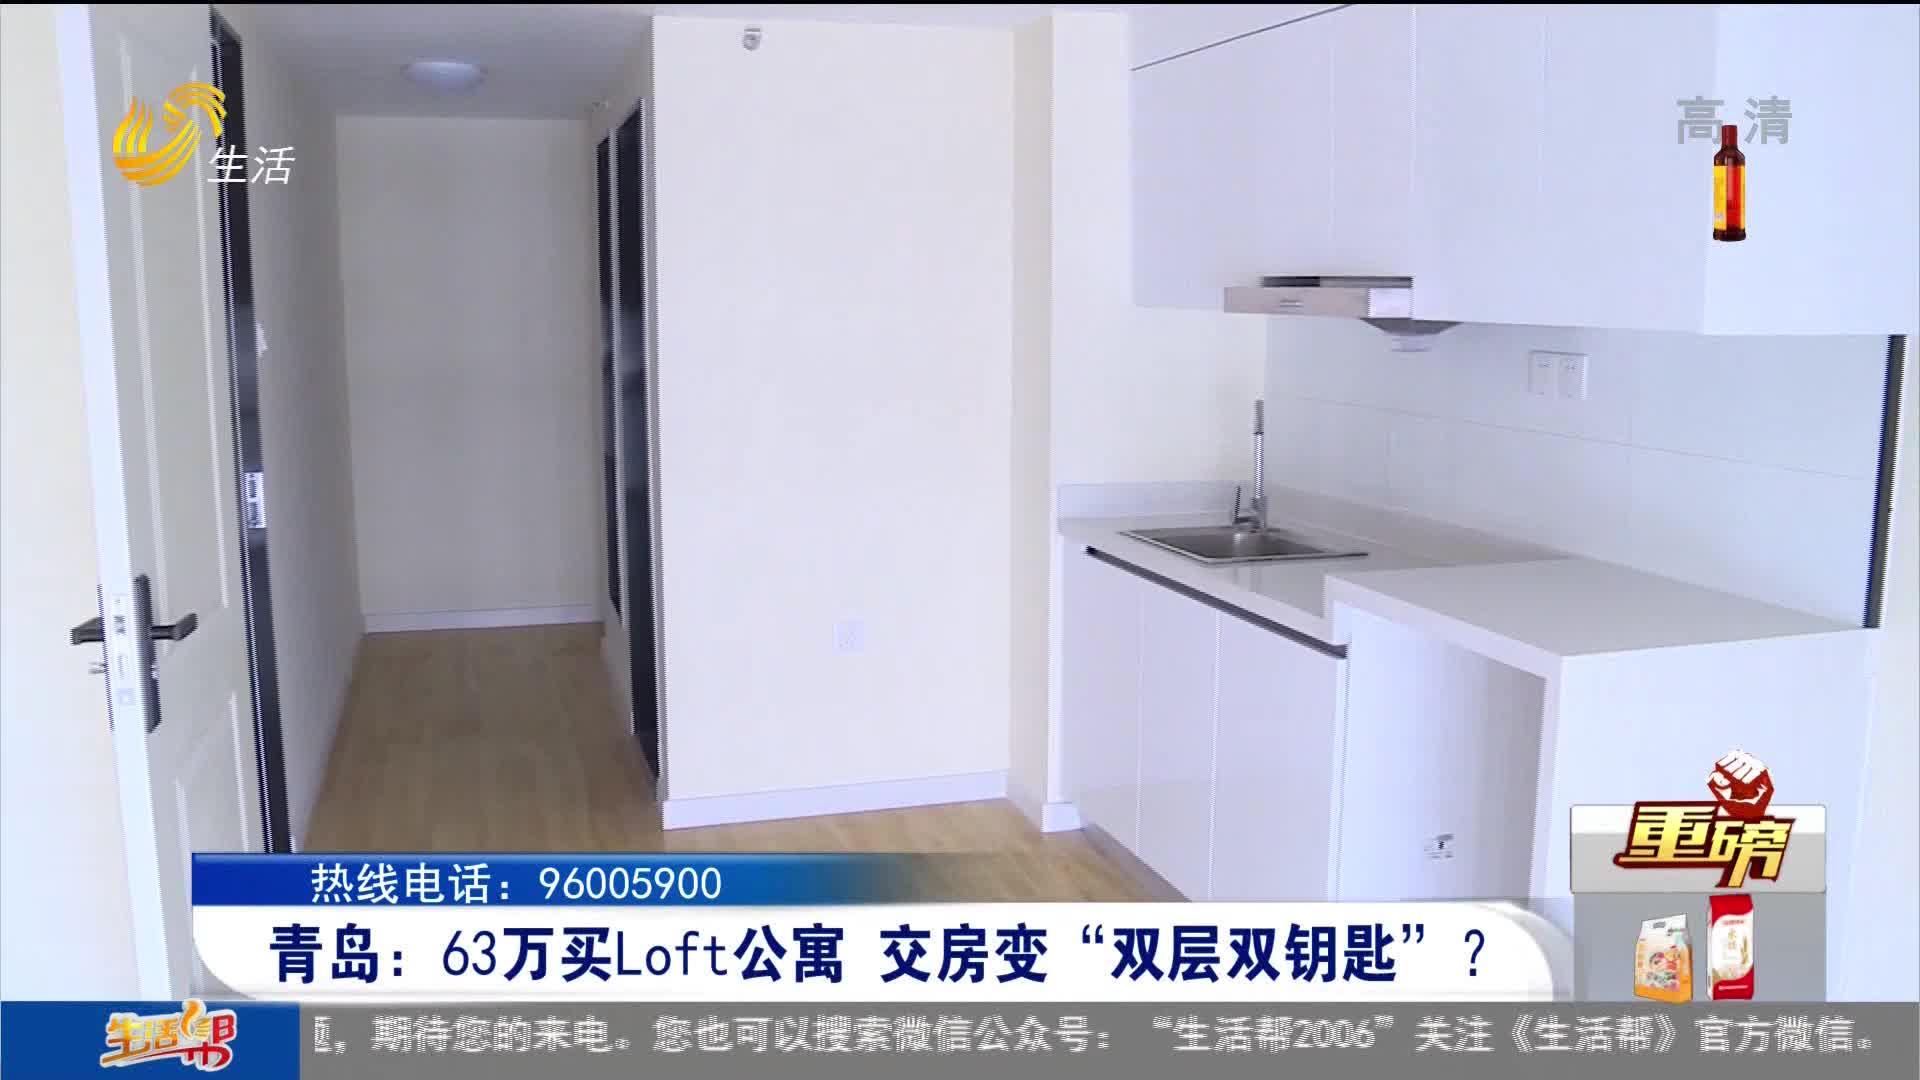 """【重磅】青岛:63万买Loft公寓 交房变""""双层双钥匙""""?"""